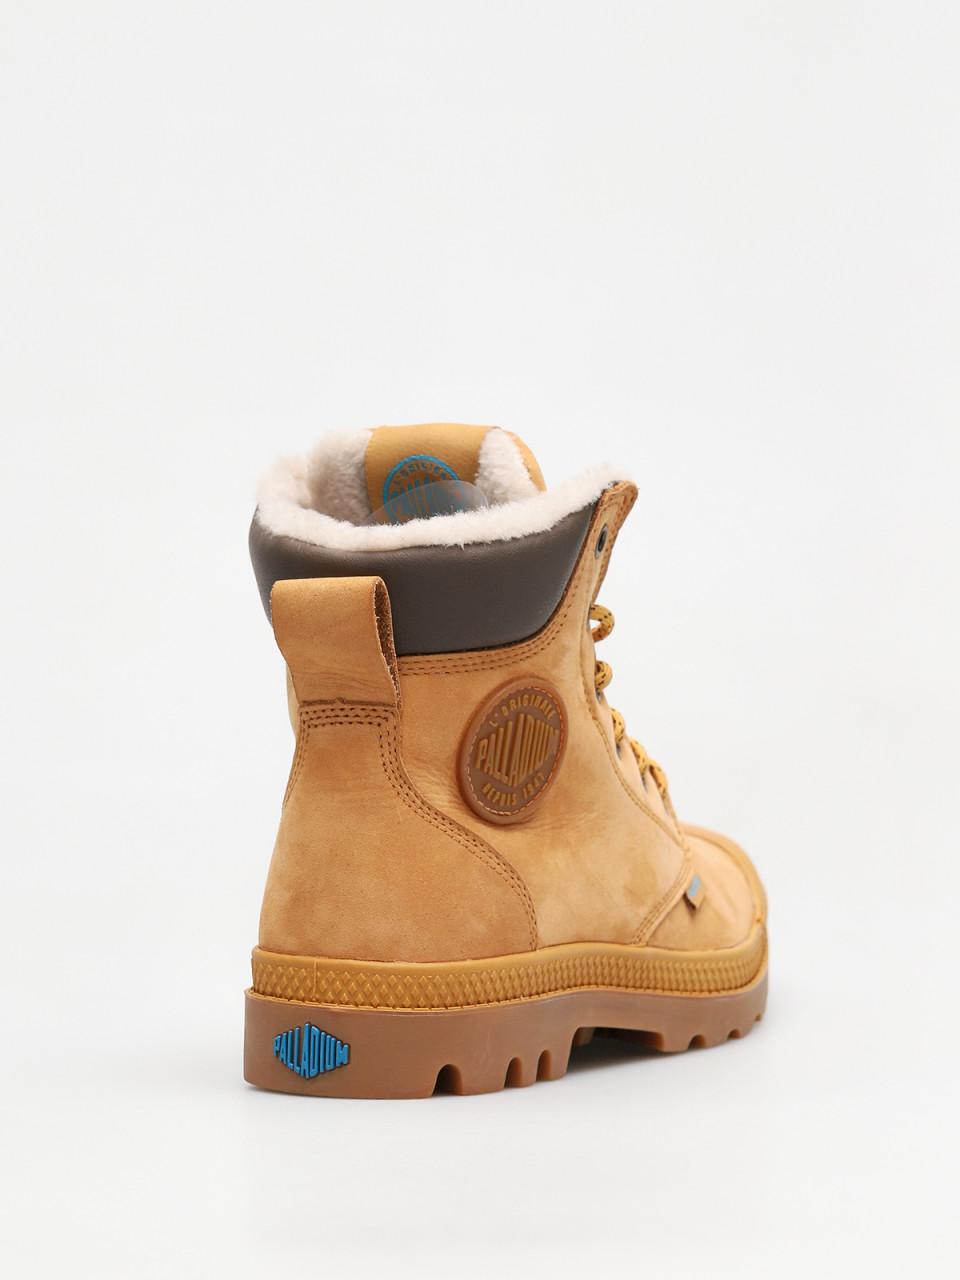 Szukasz butów na festiwal? Wybierz trapery Palladium!